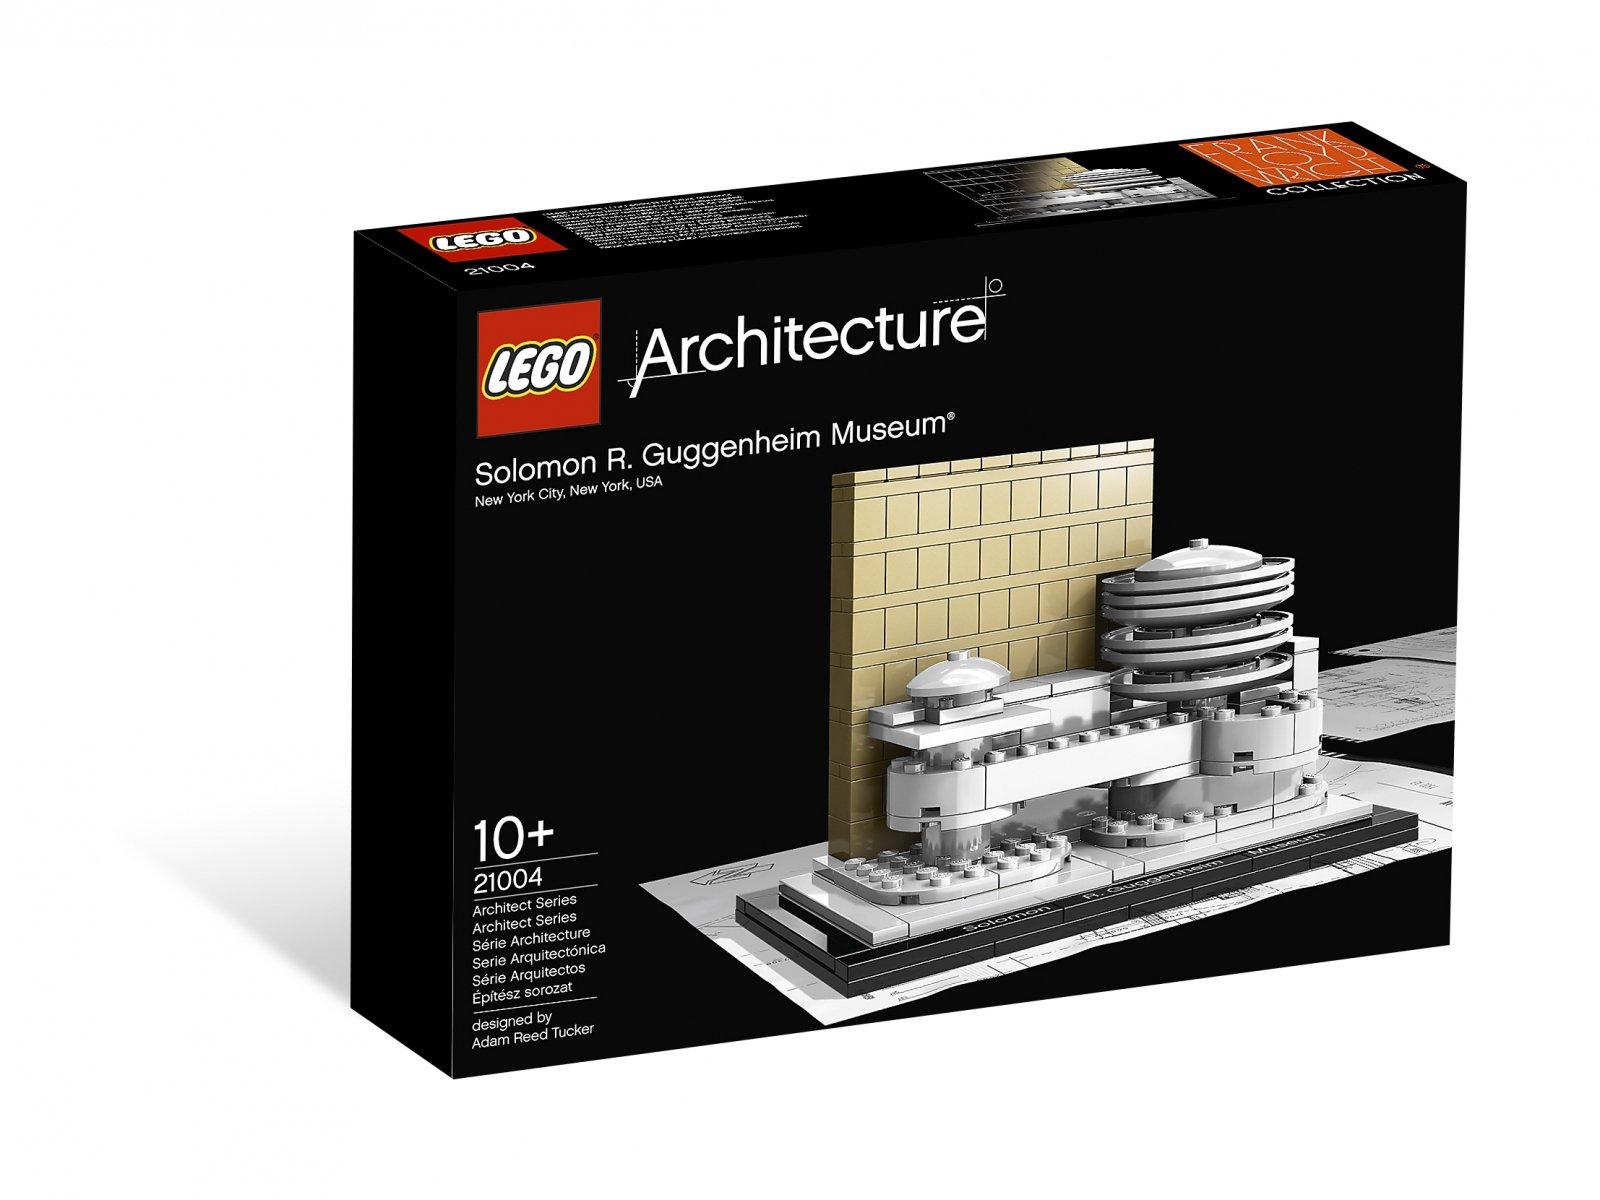 LEGO Architecture Solomon R. Guggenheim Museum® 21004